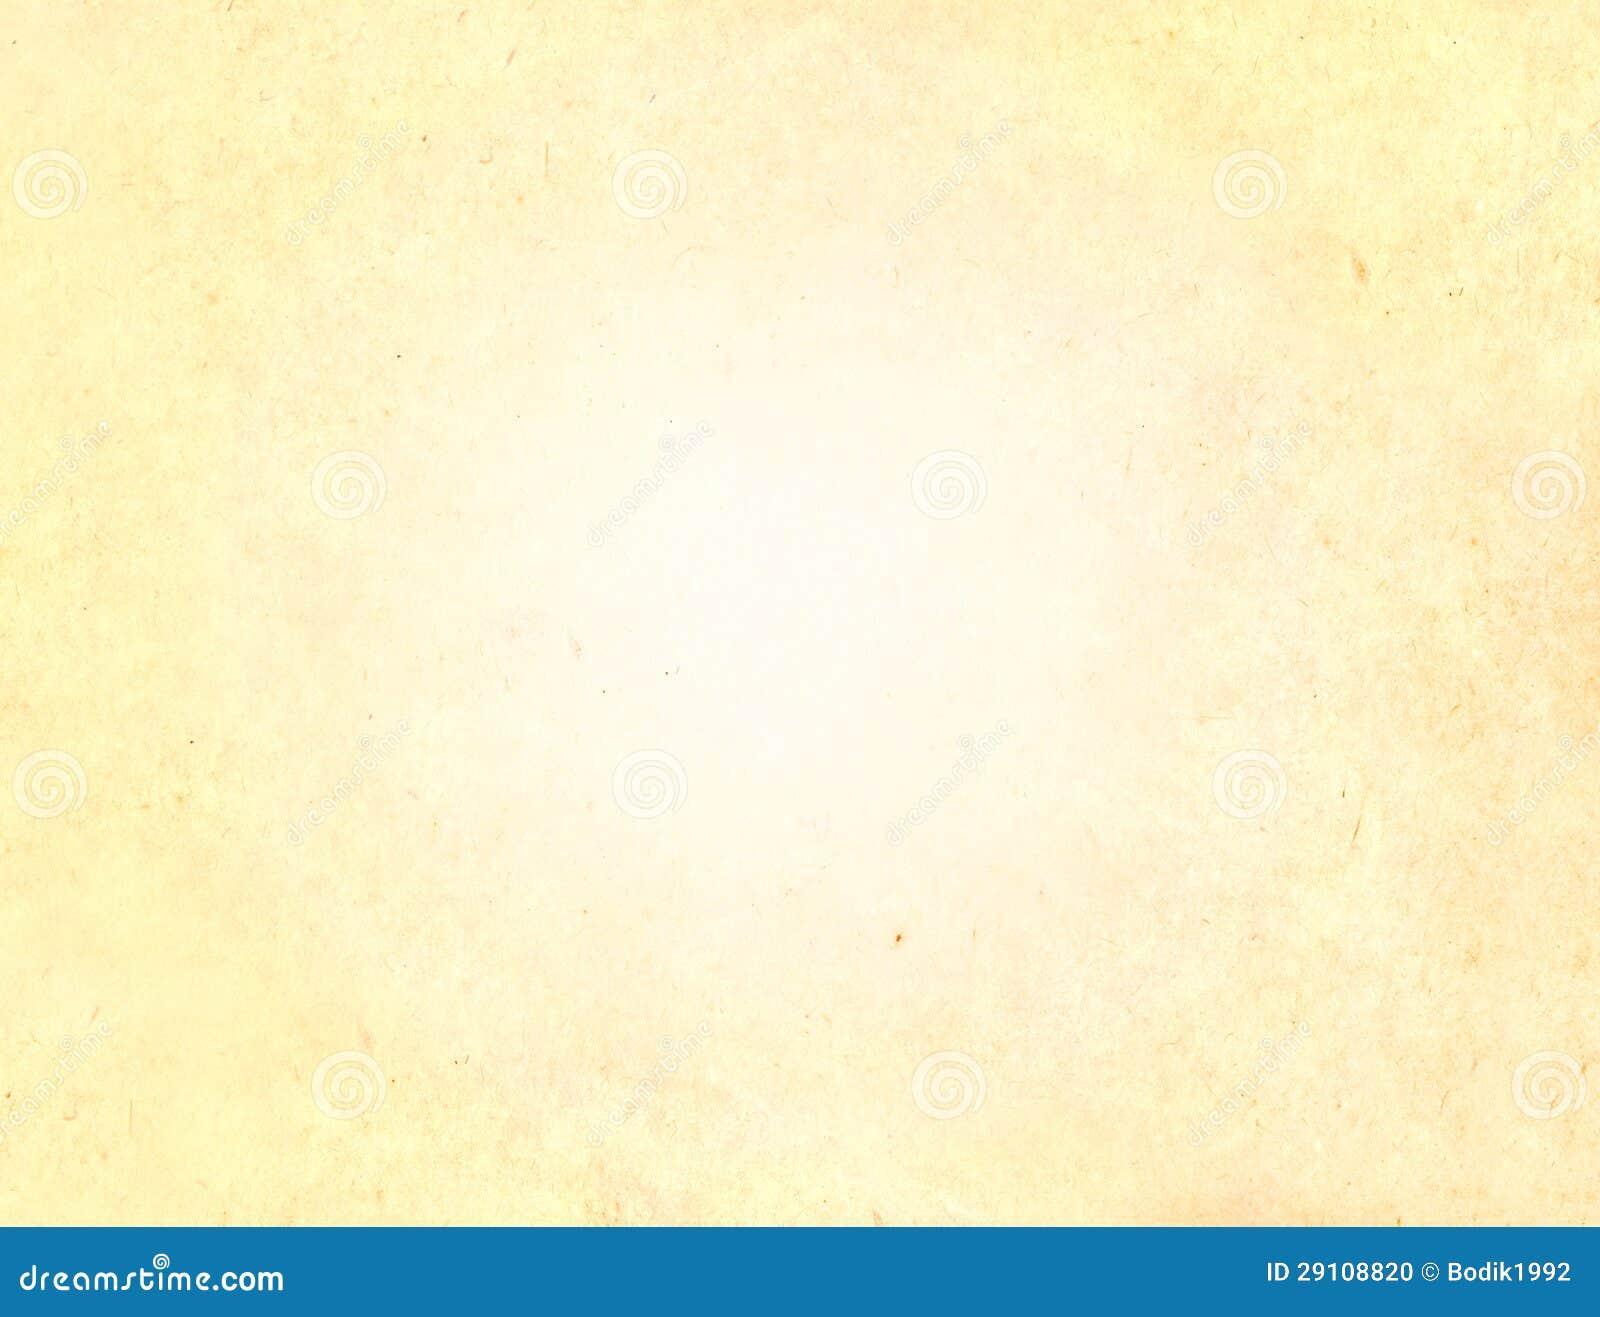 Helles Goldhintergrundpapier